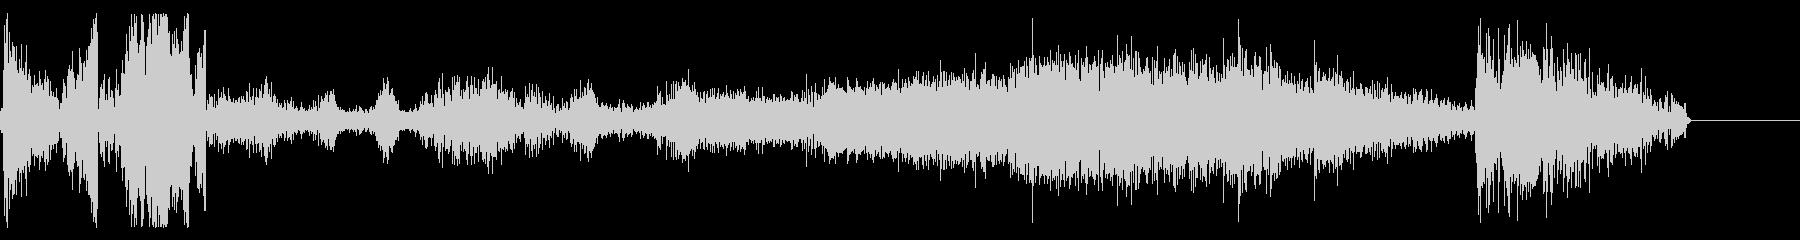 FMラジオ的ジングル9の未再生の波形